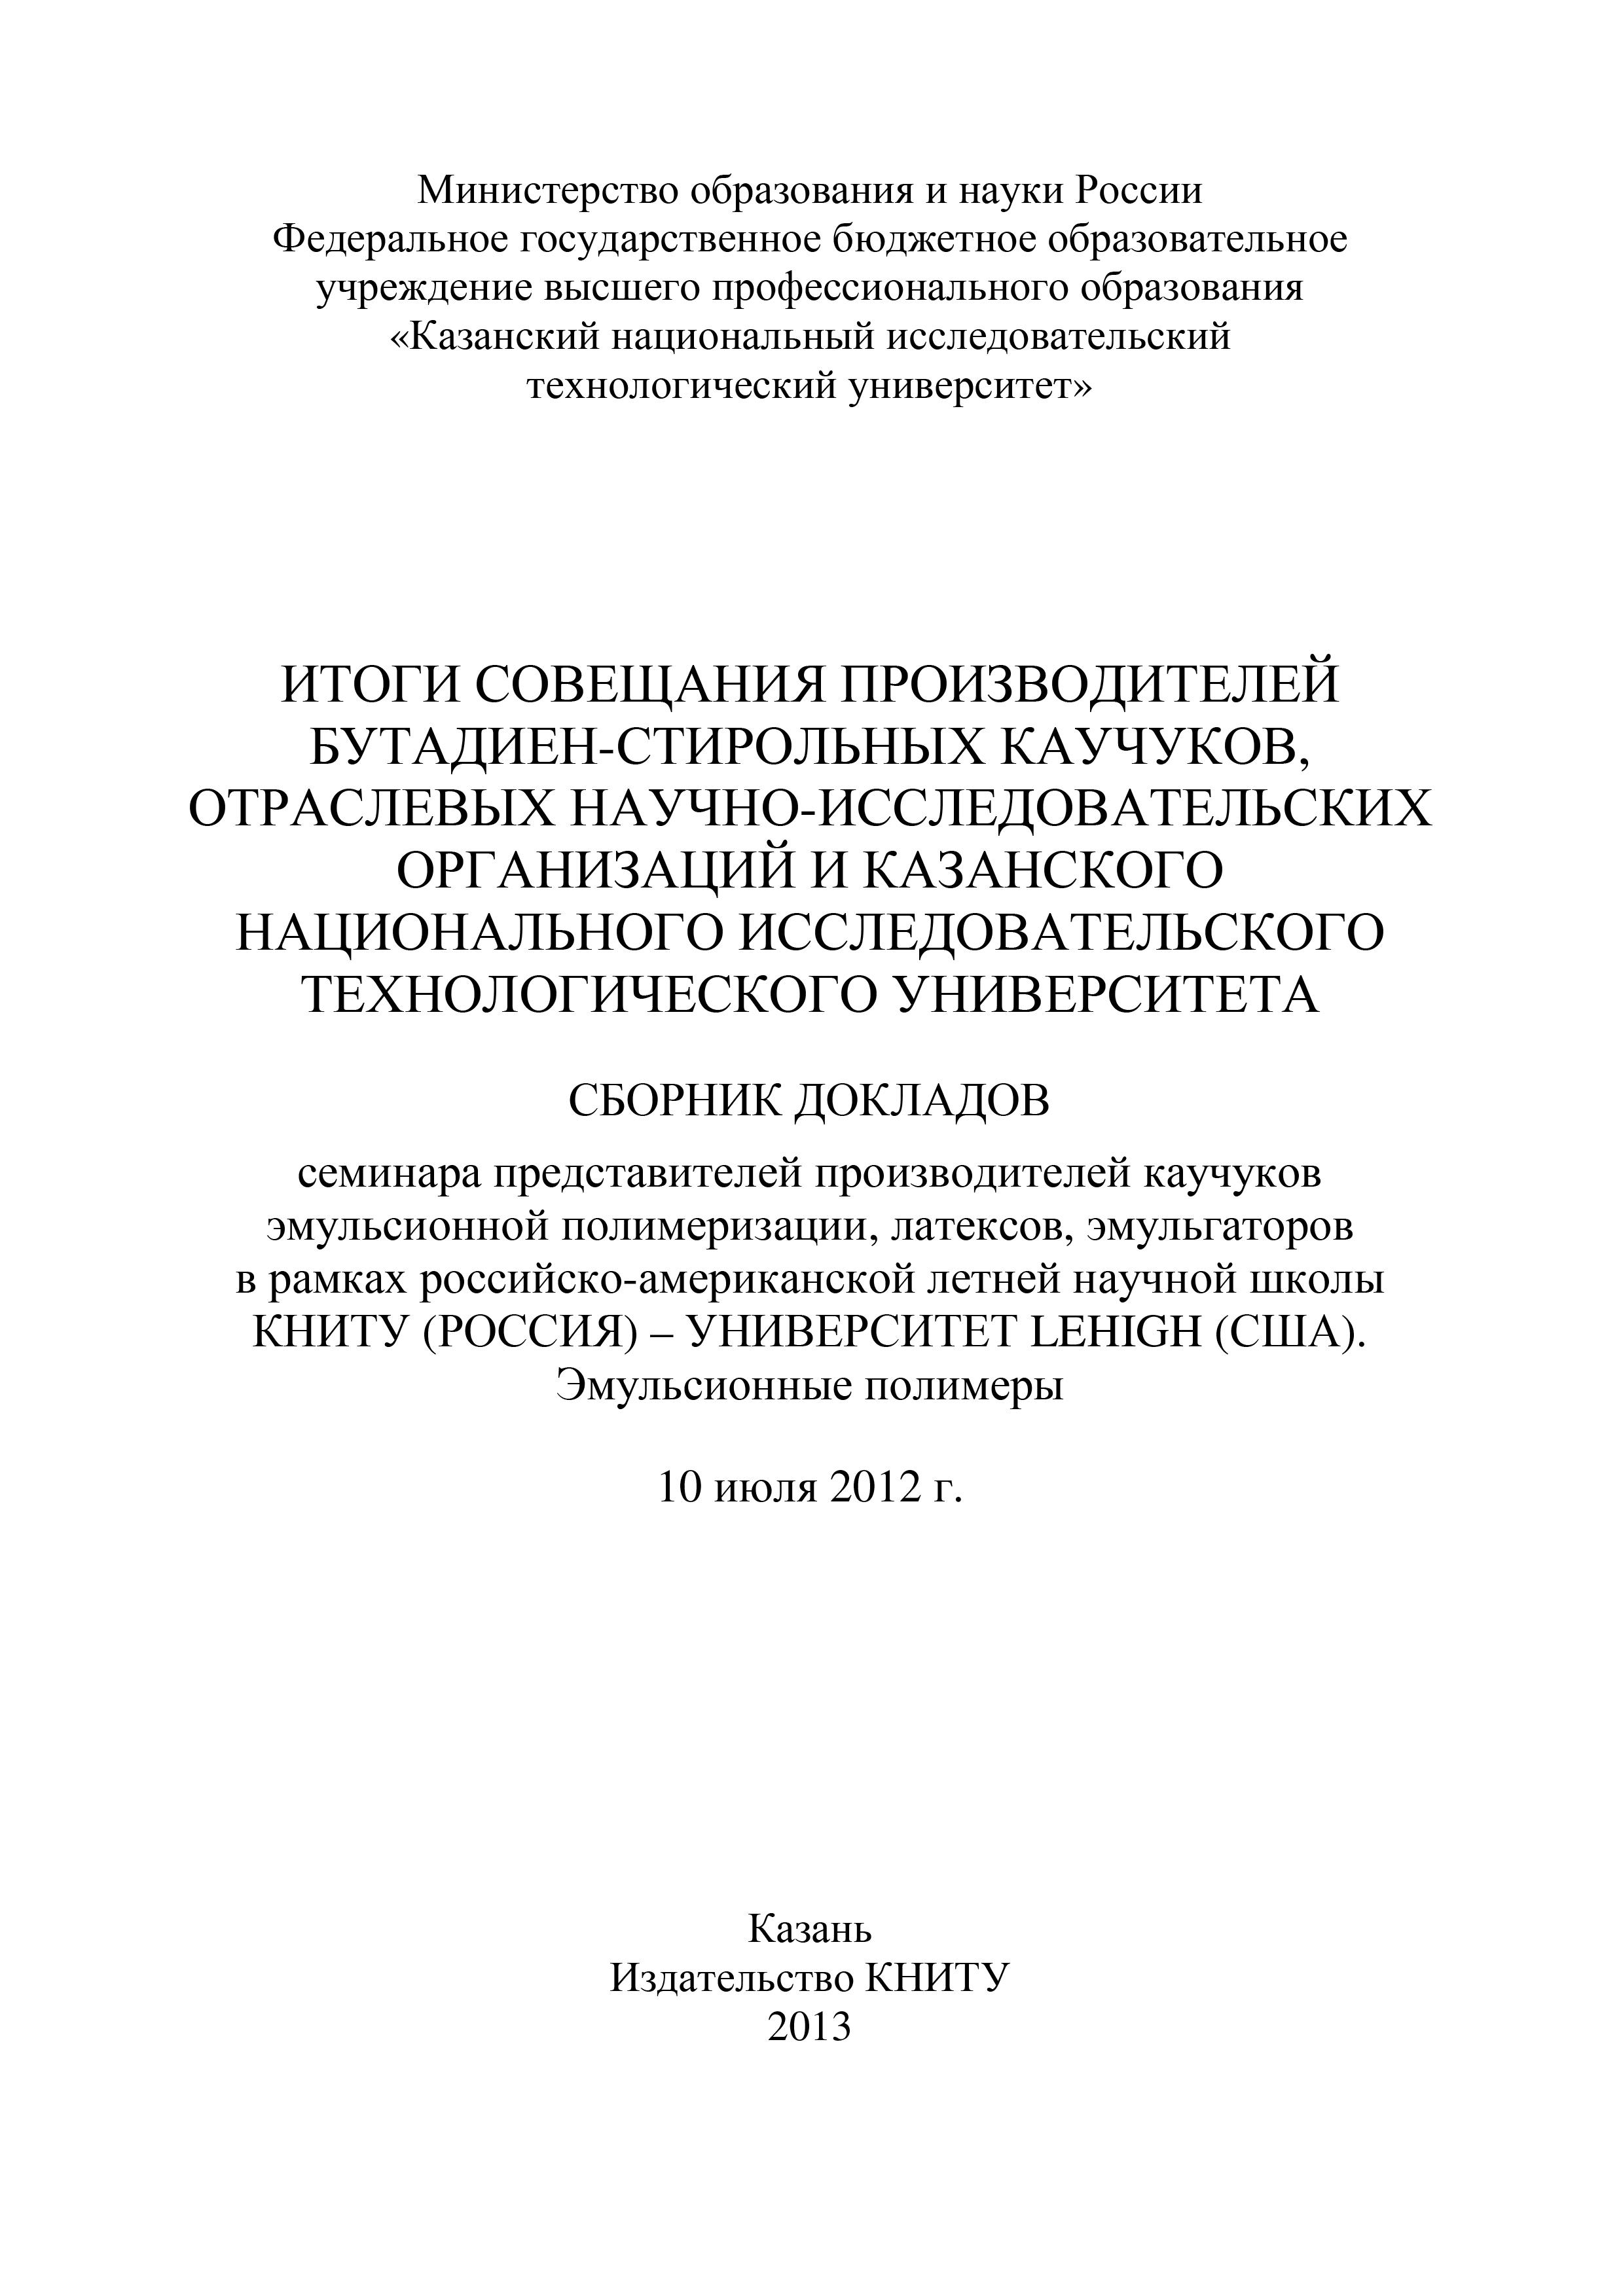 Итоги совещания производителей бутадиен-стирольных каучуков, отраслевых научно-исследовательских организаций и Казанского национального исследовательского технологического университета